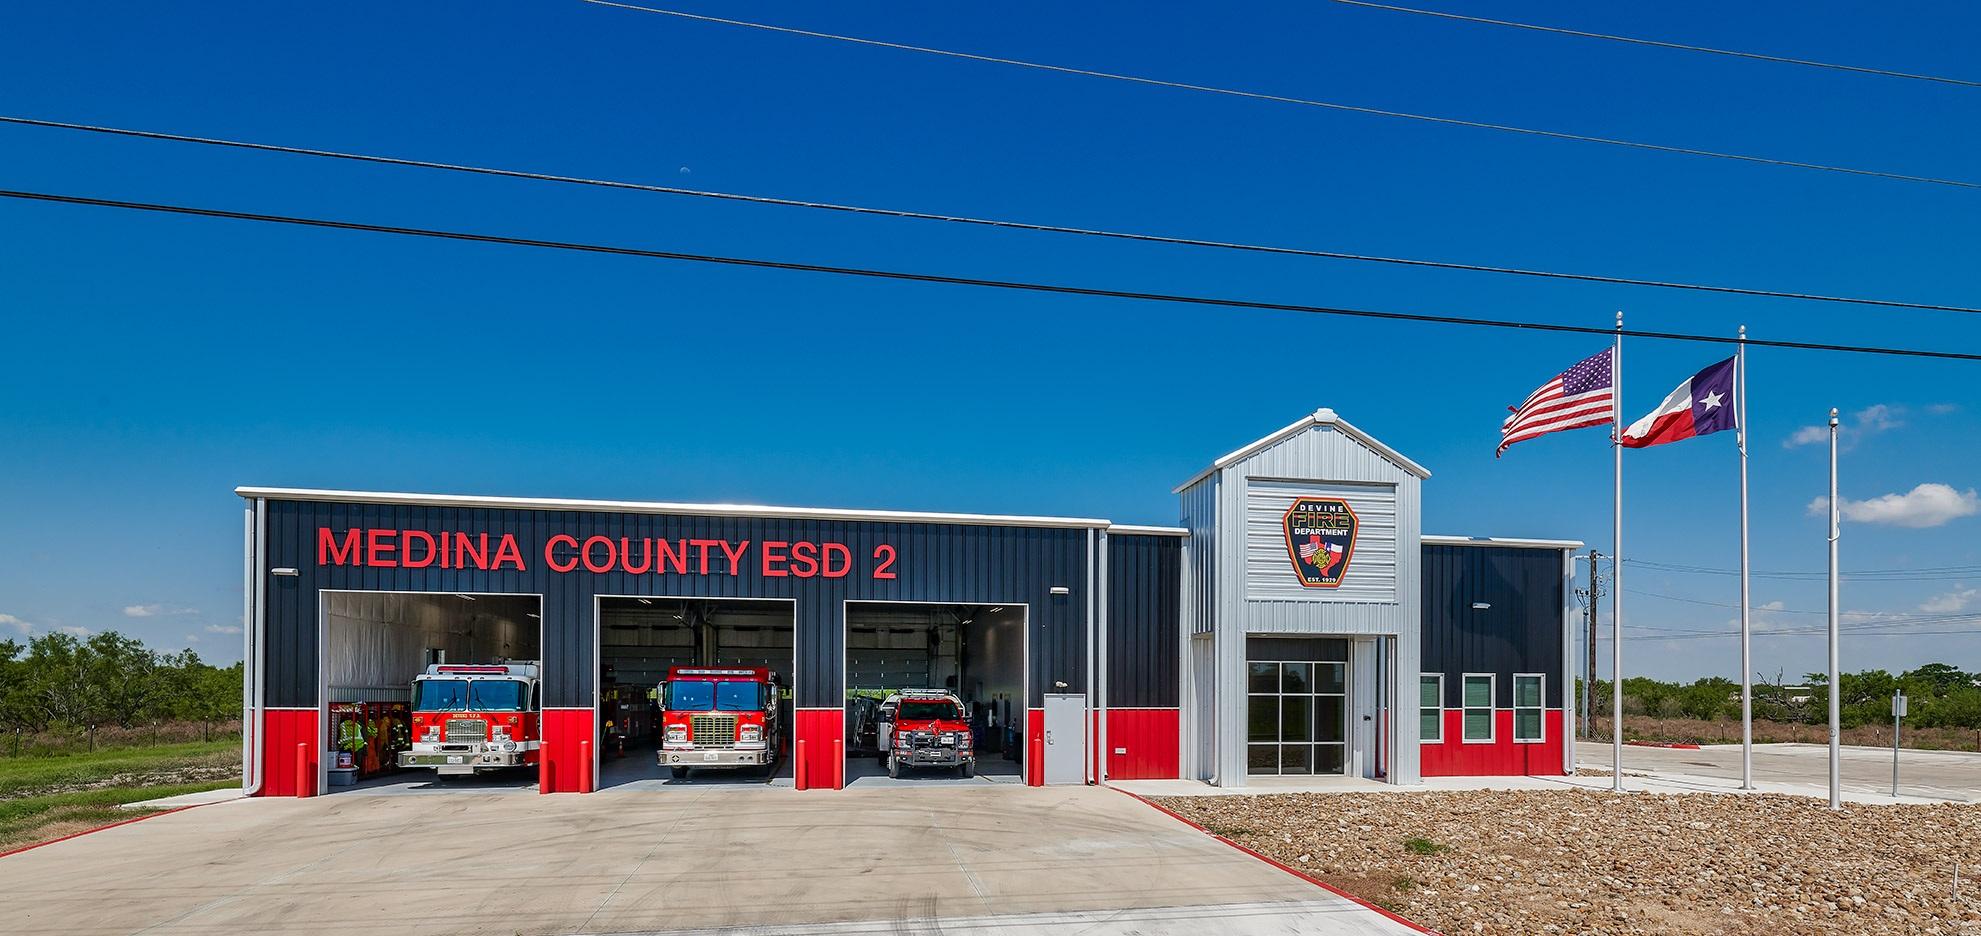 Medina County ESD 2